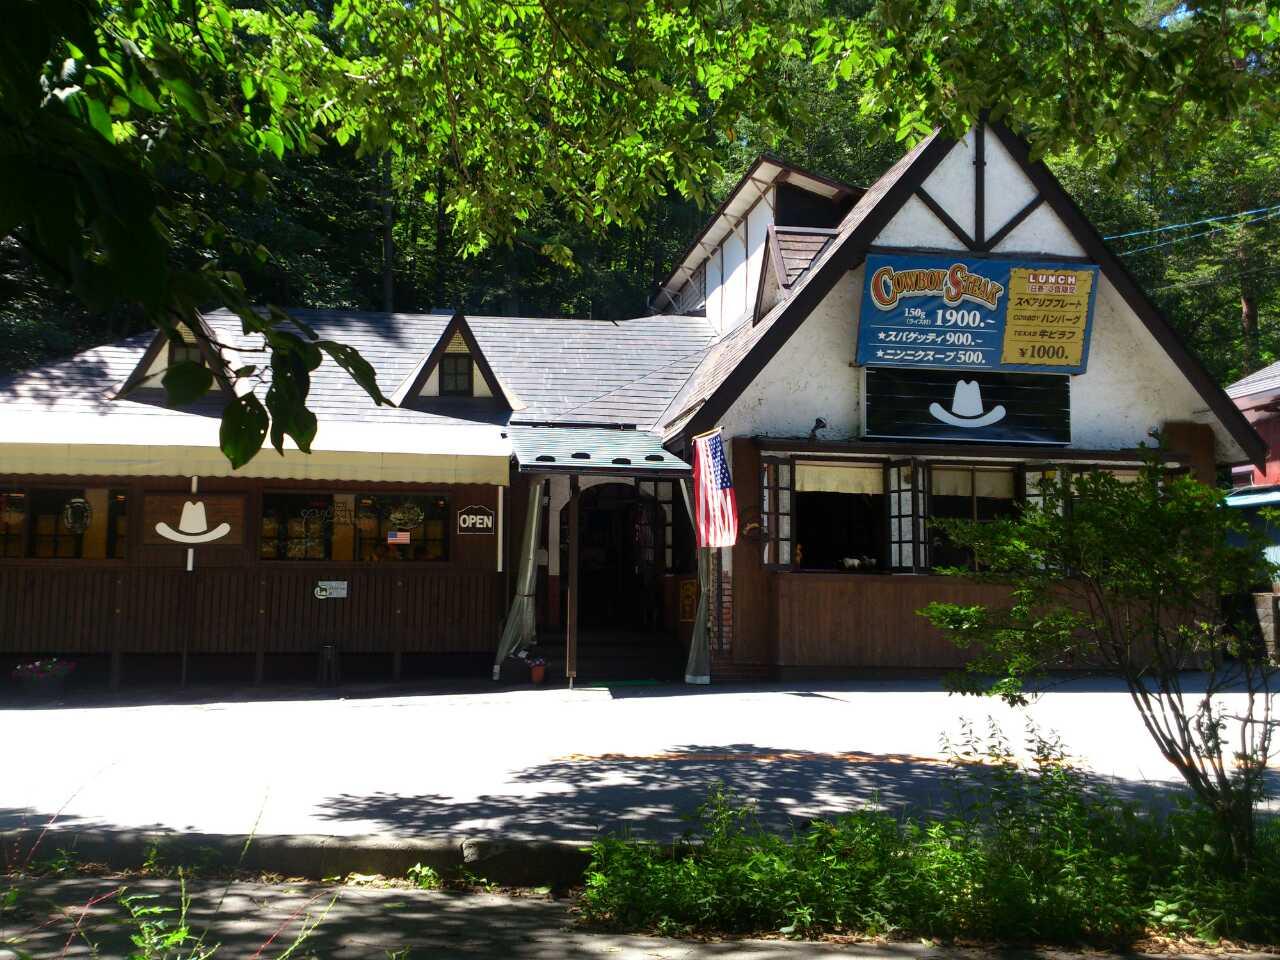 長野リゾート・軽井沢の人気ステーキハウス「ザ・カウボーイハウス」でいただく絶品ステーキ料理